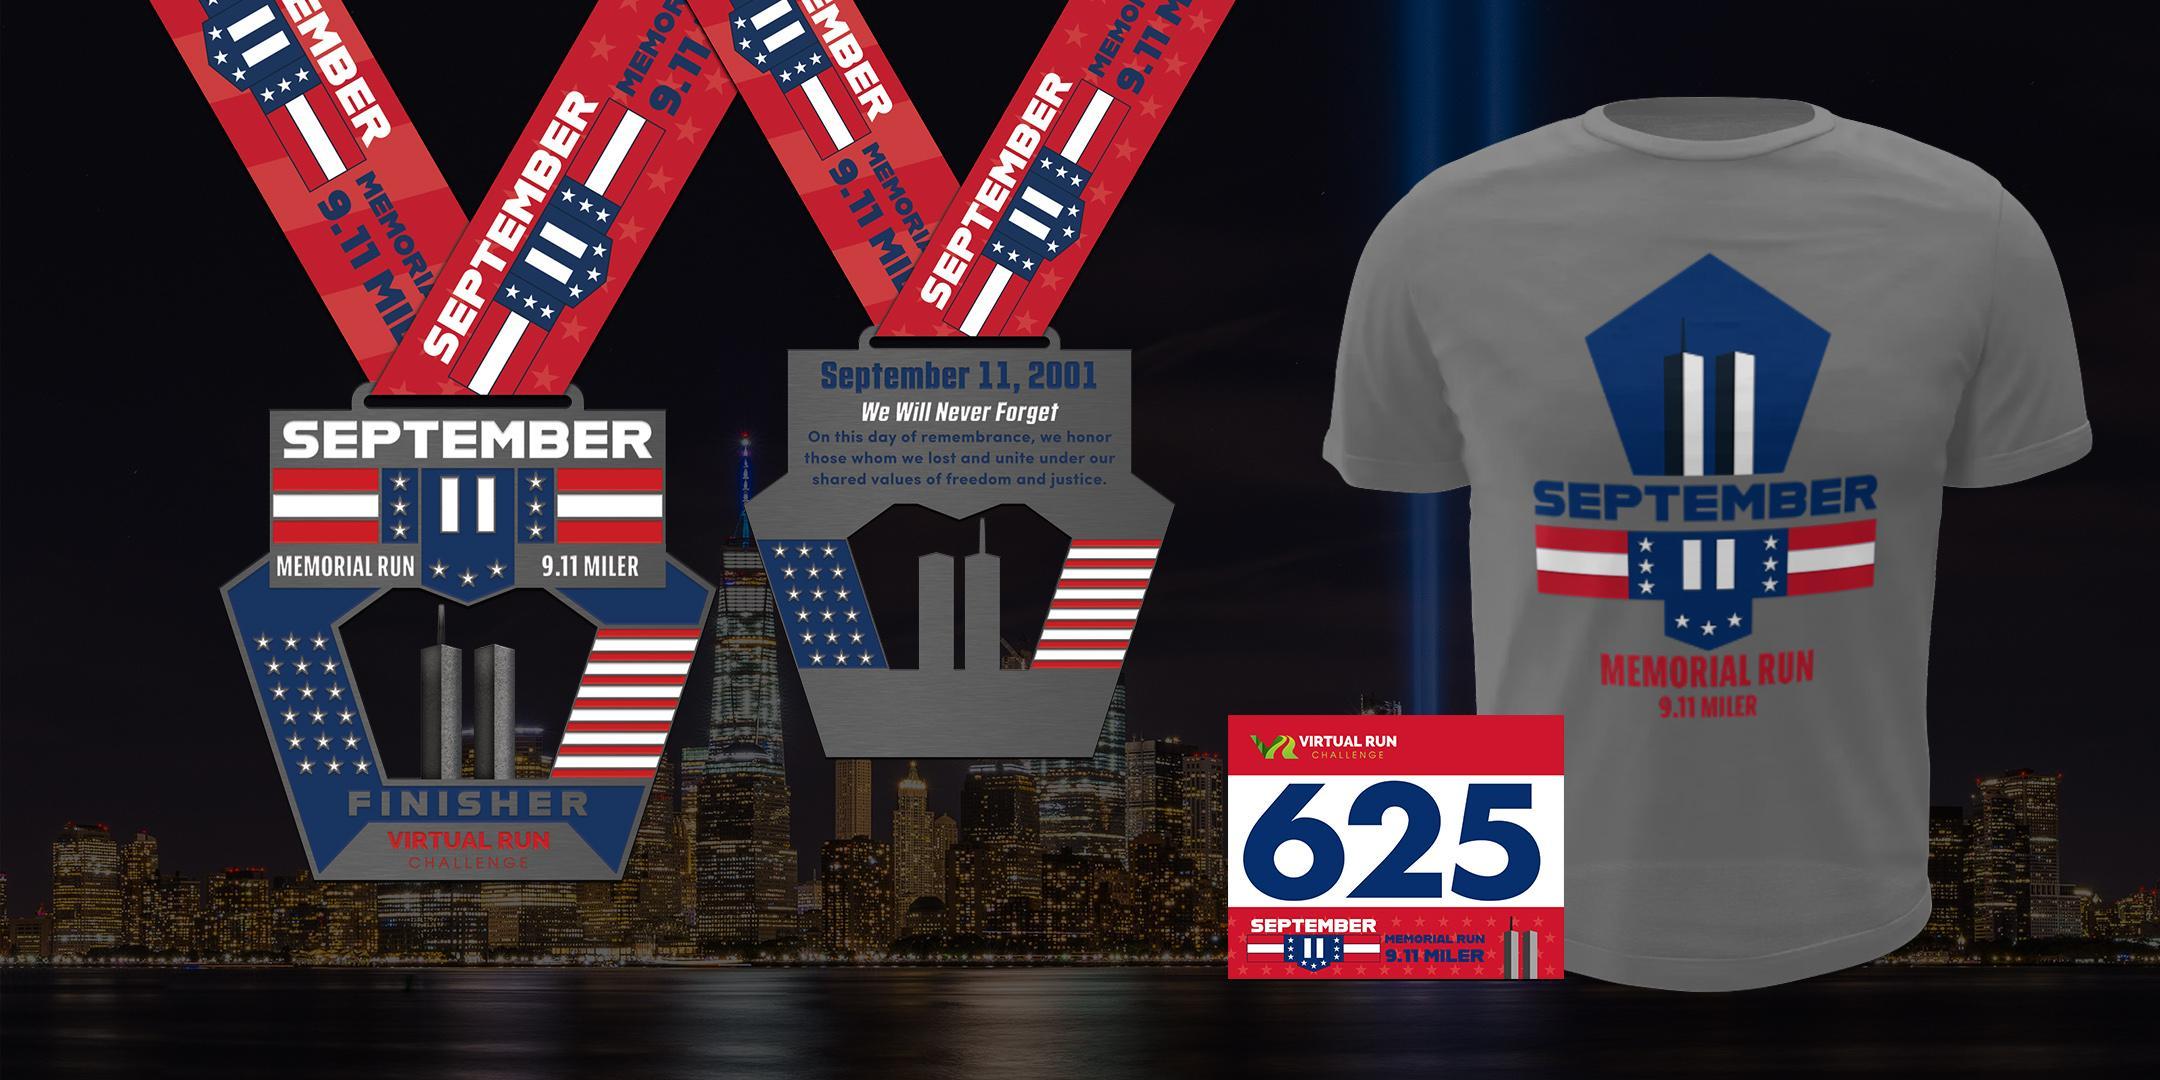 September 11 Memorial Virtual Run Walk (9.11 Miles) - Carlsbad